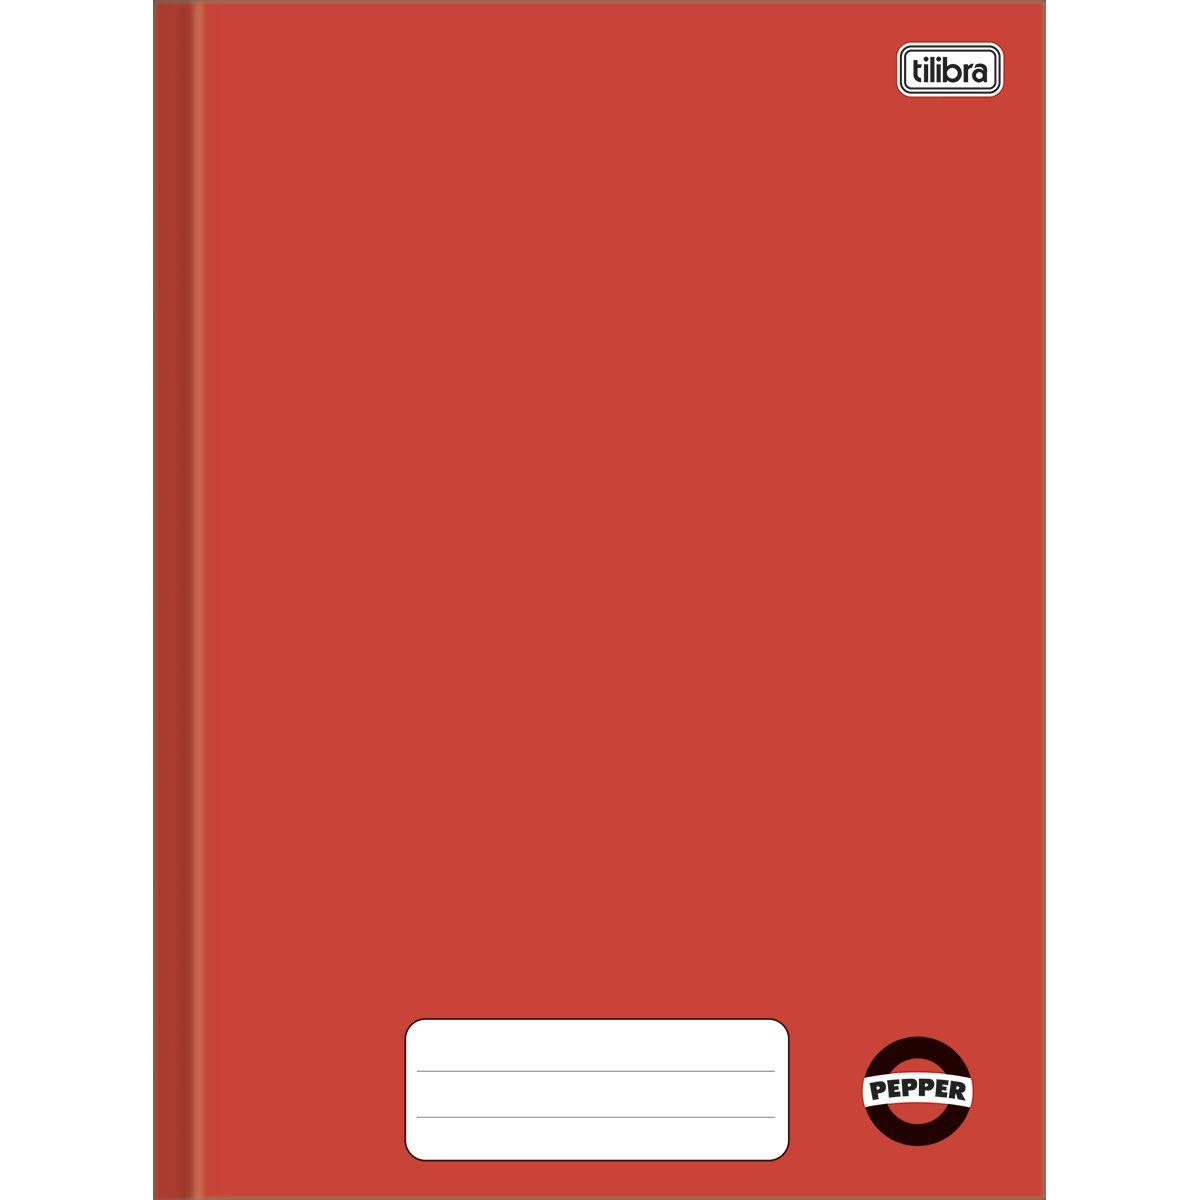 Caderno brochura 1/4 80 fls vermelho PEPPER Tilibra